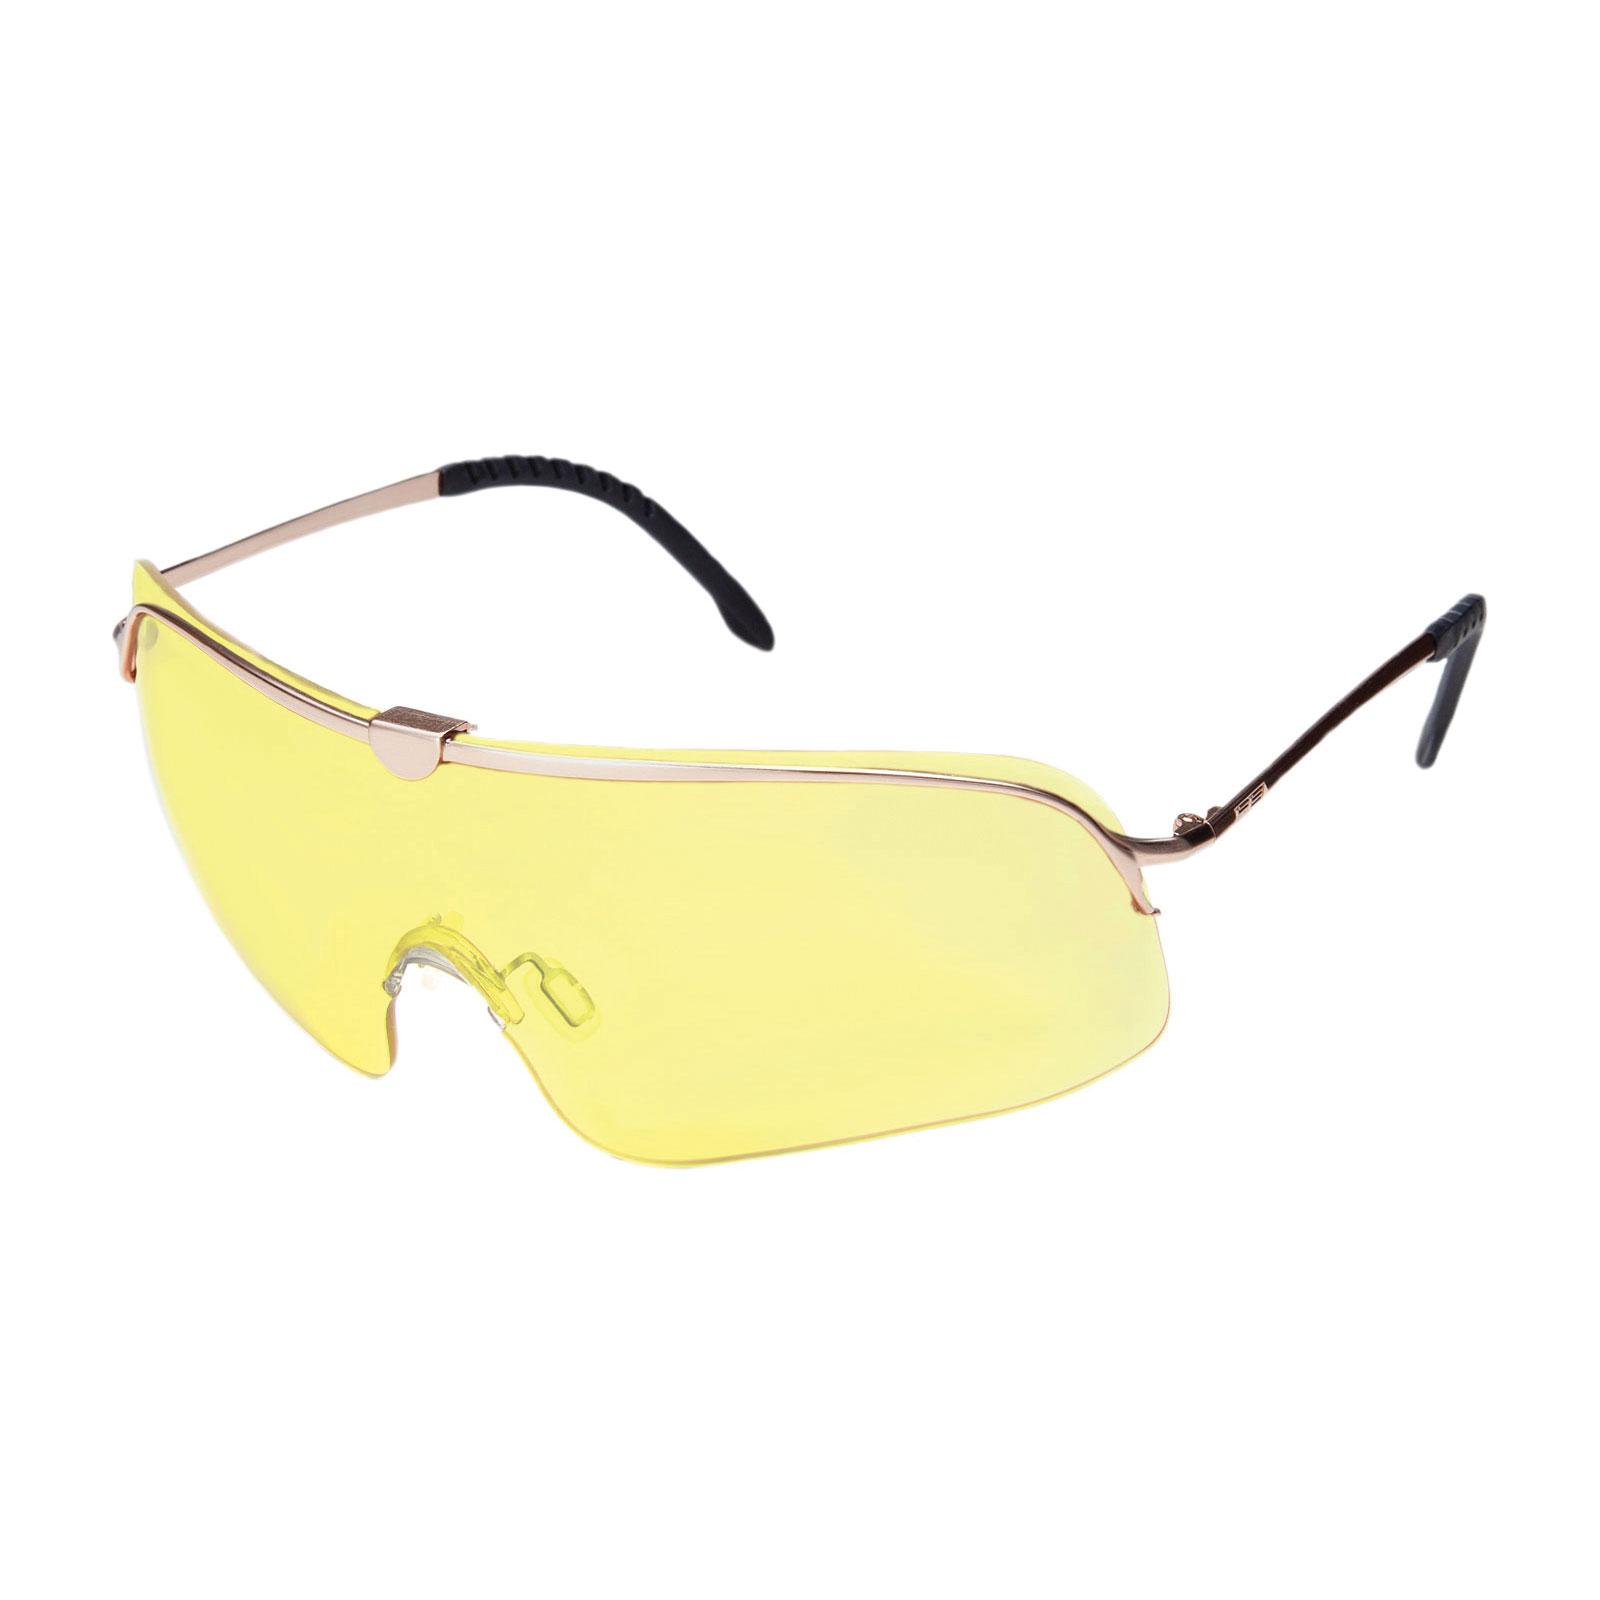 Shooting Glasses Frames